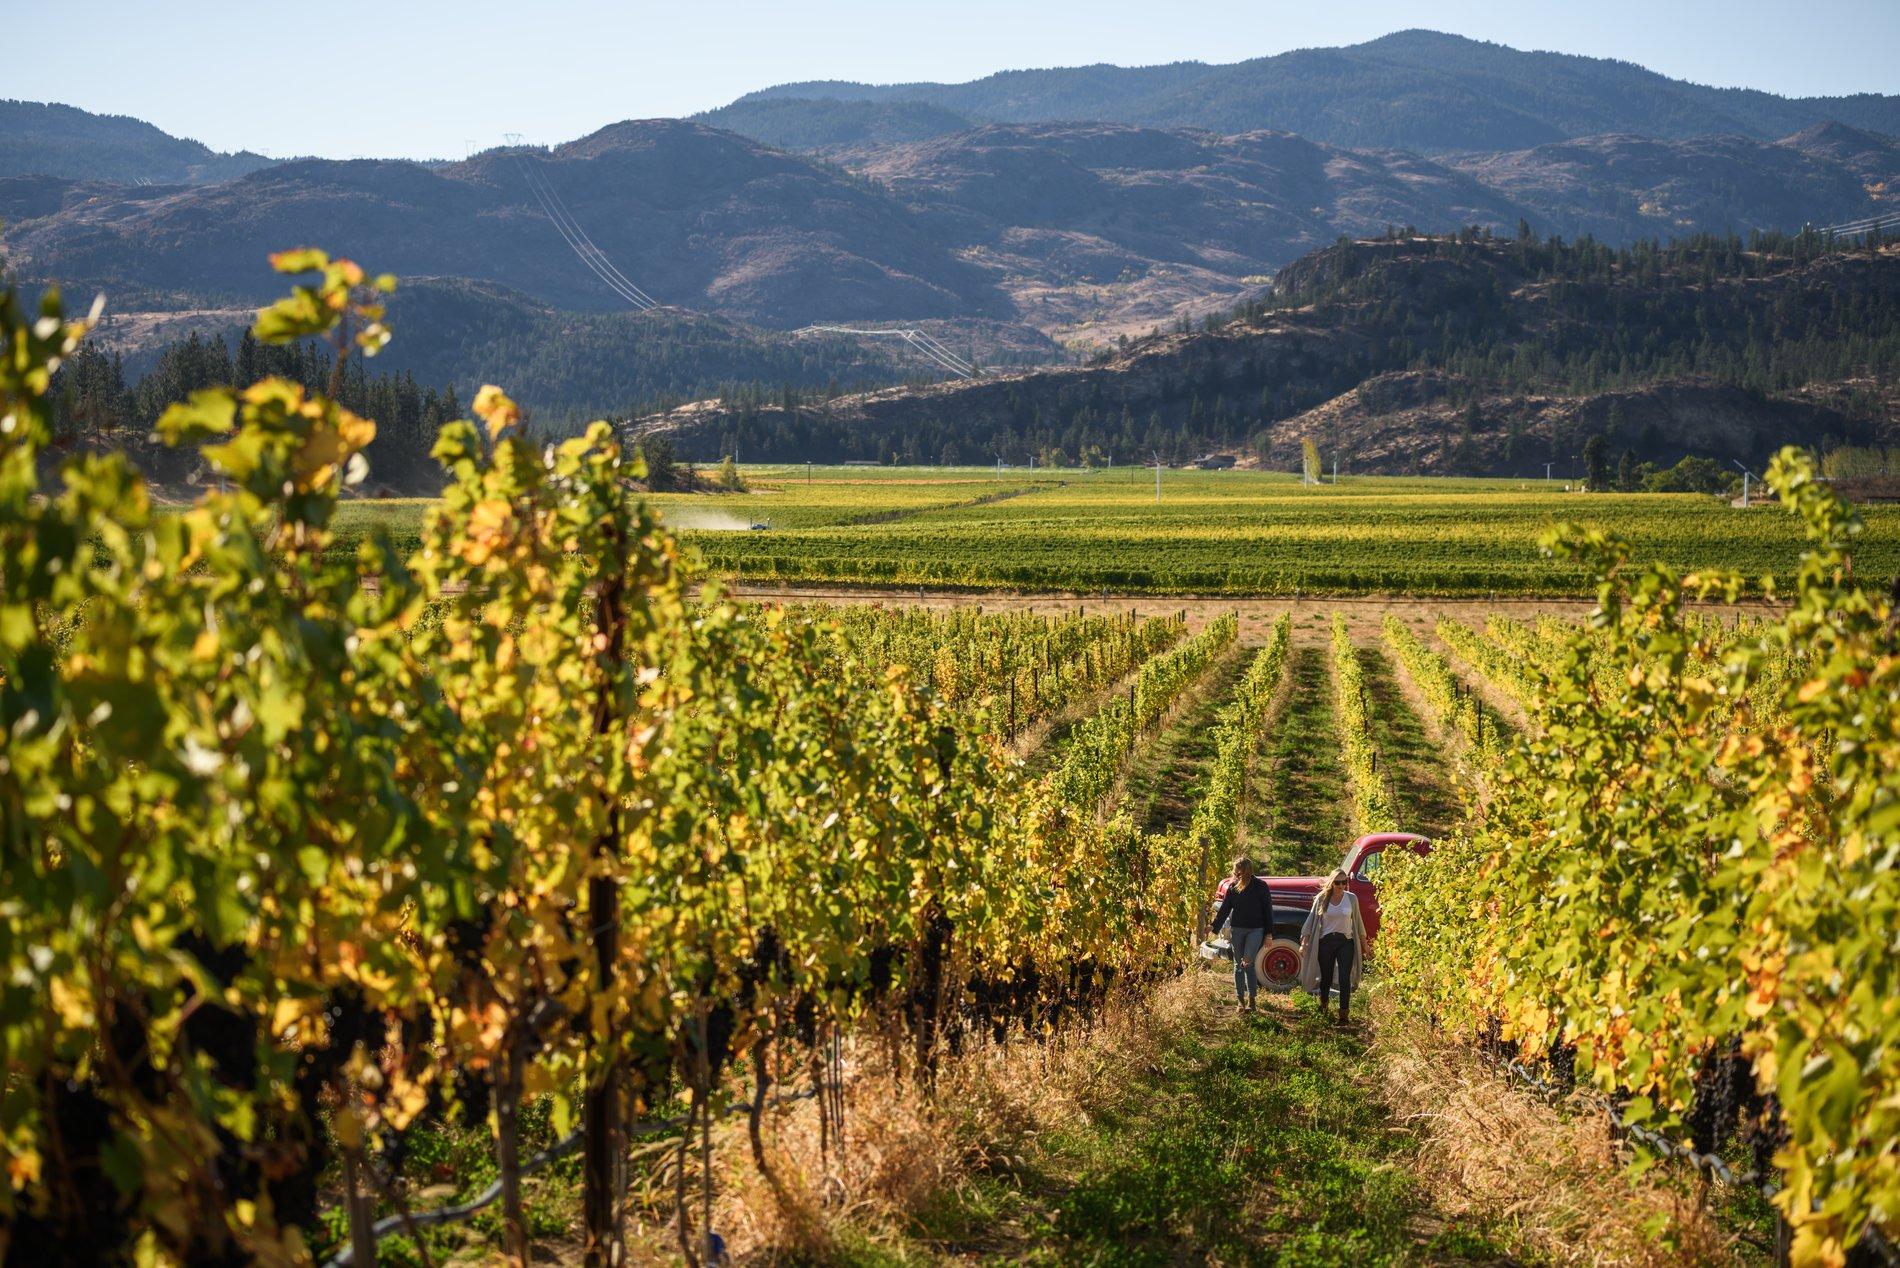 Vineyard at Covert Farm   Andrew Strain